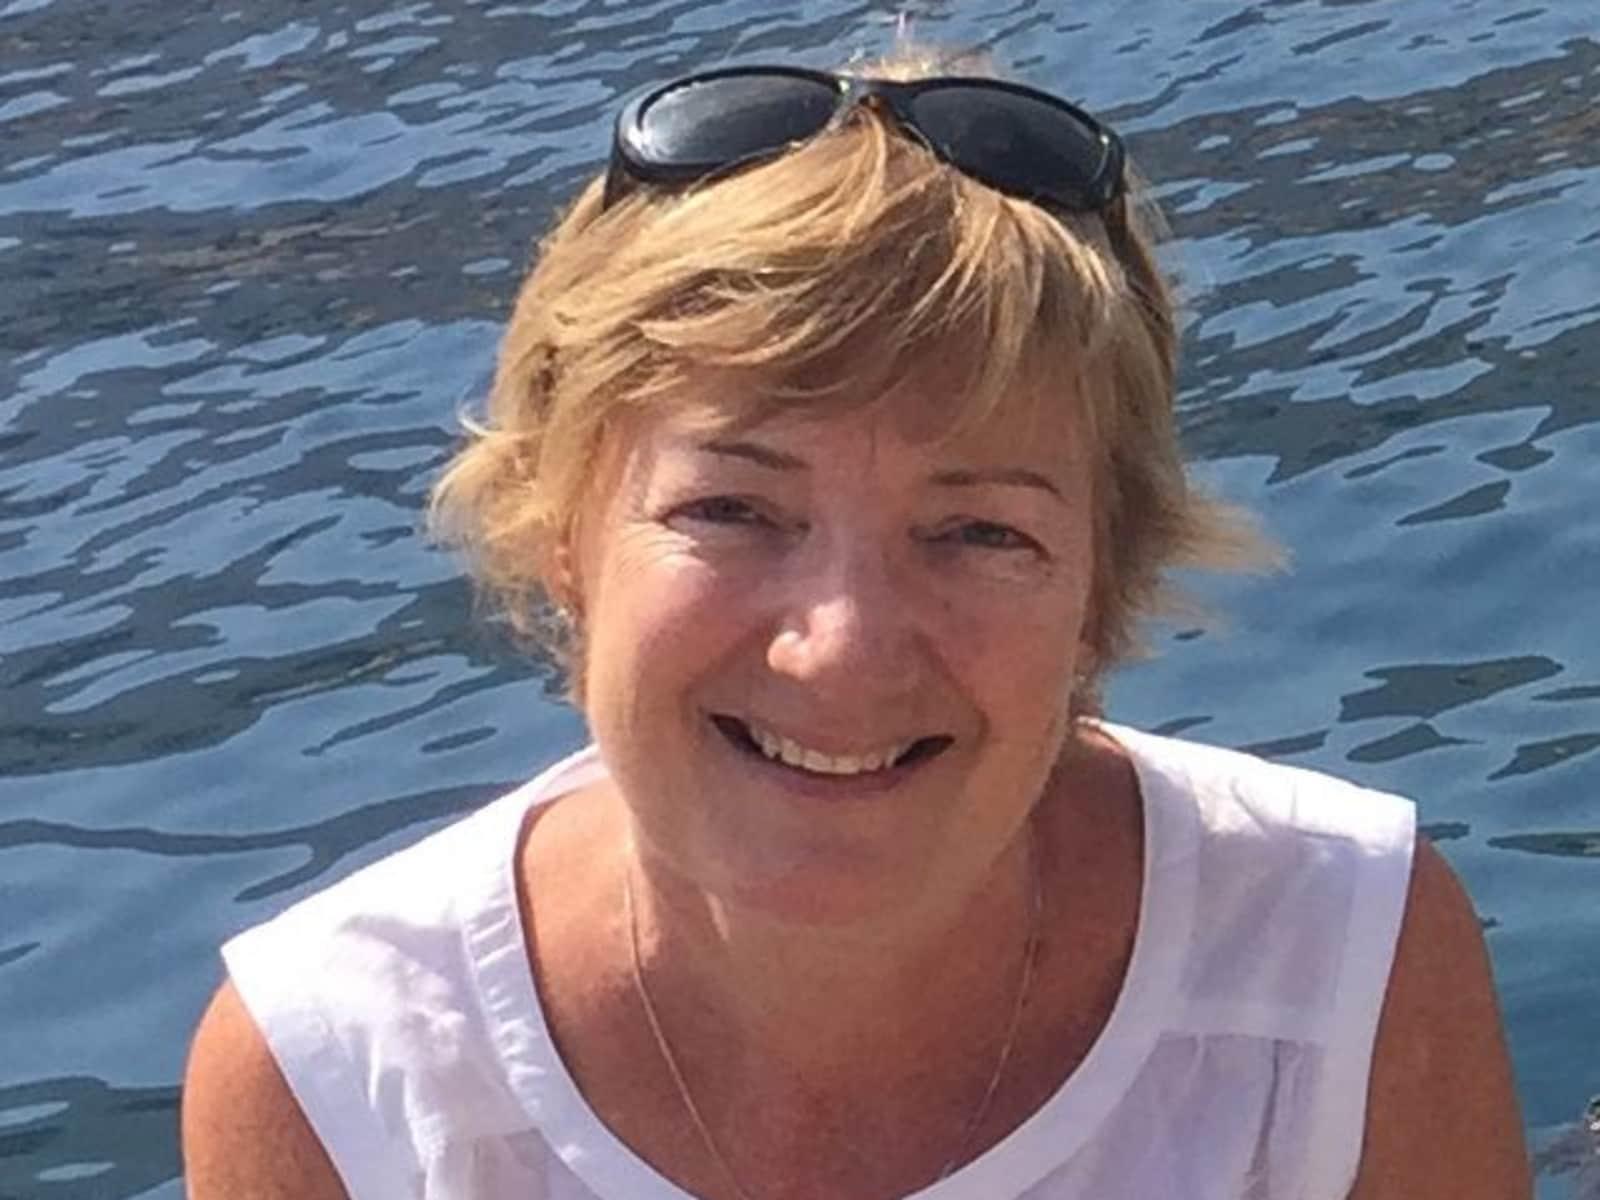 Sandra from Melbourne, Victoria, Australia